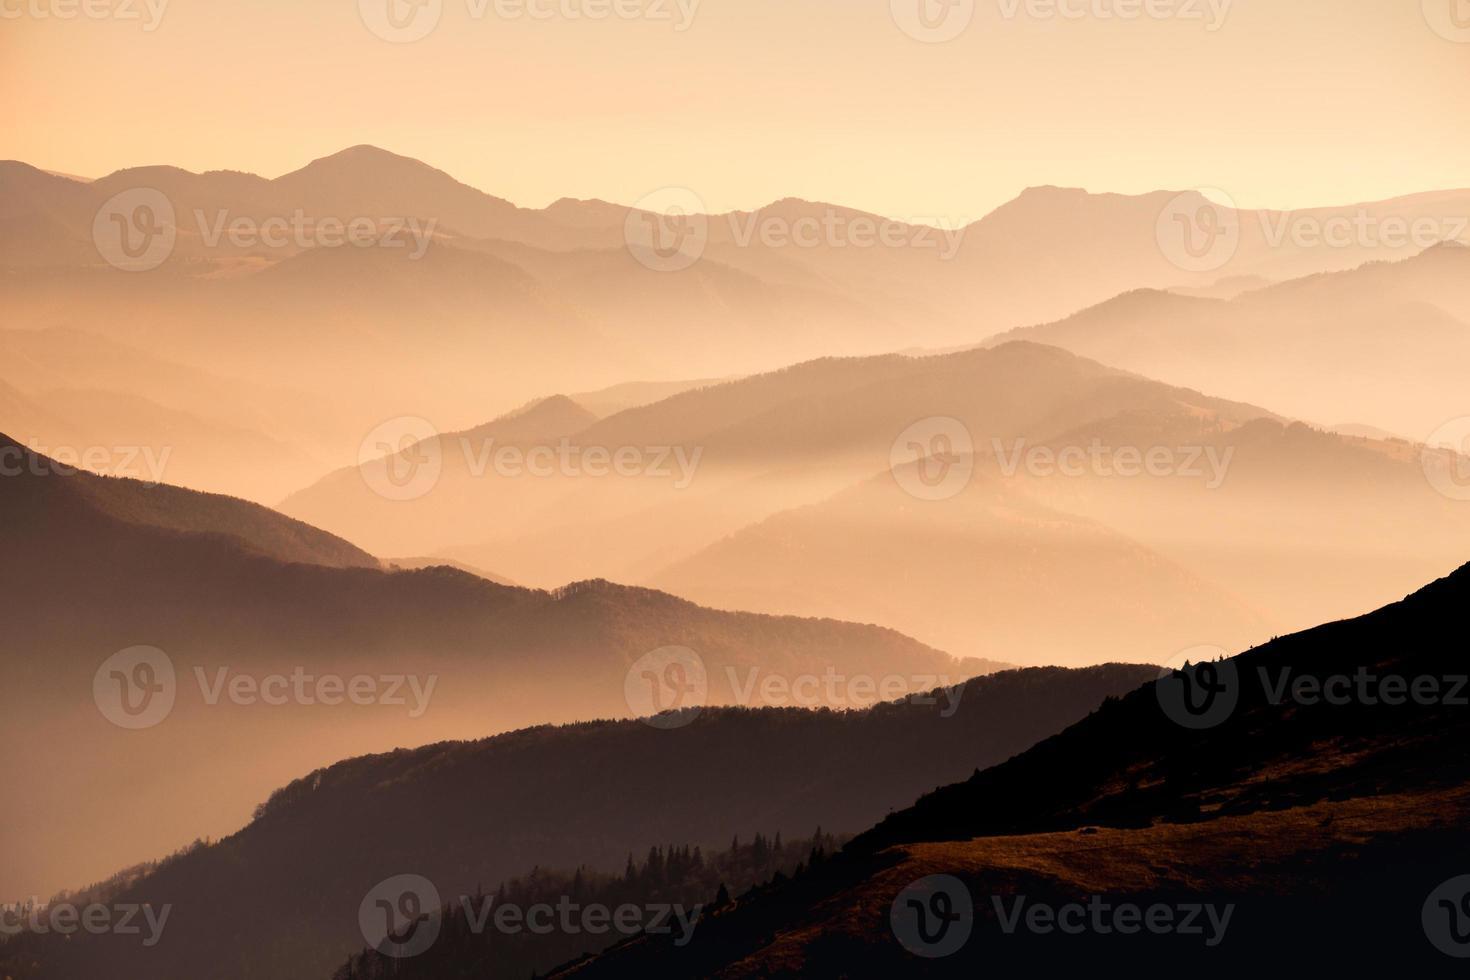 vista da paisagem das montanhas enevoadas ao pôr do sol foto